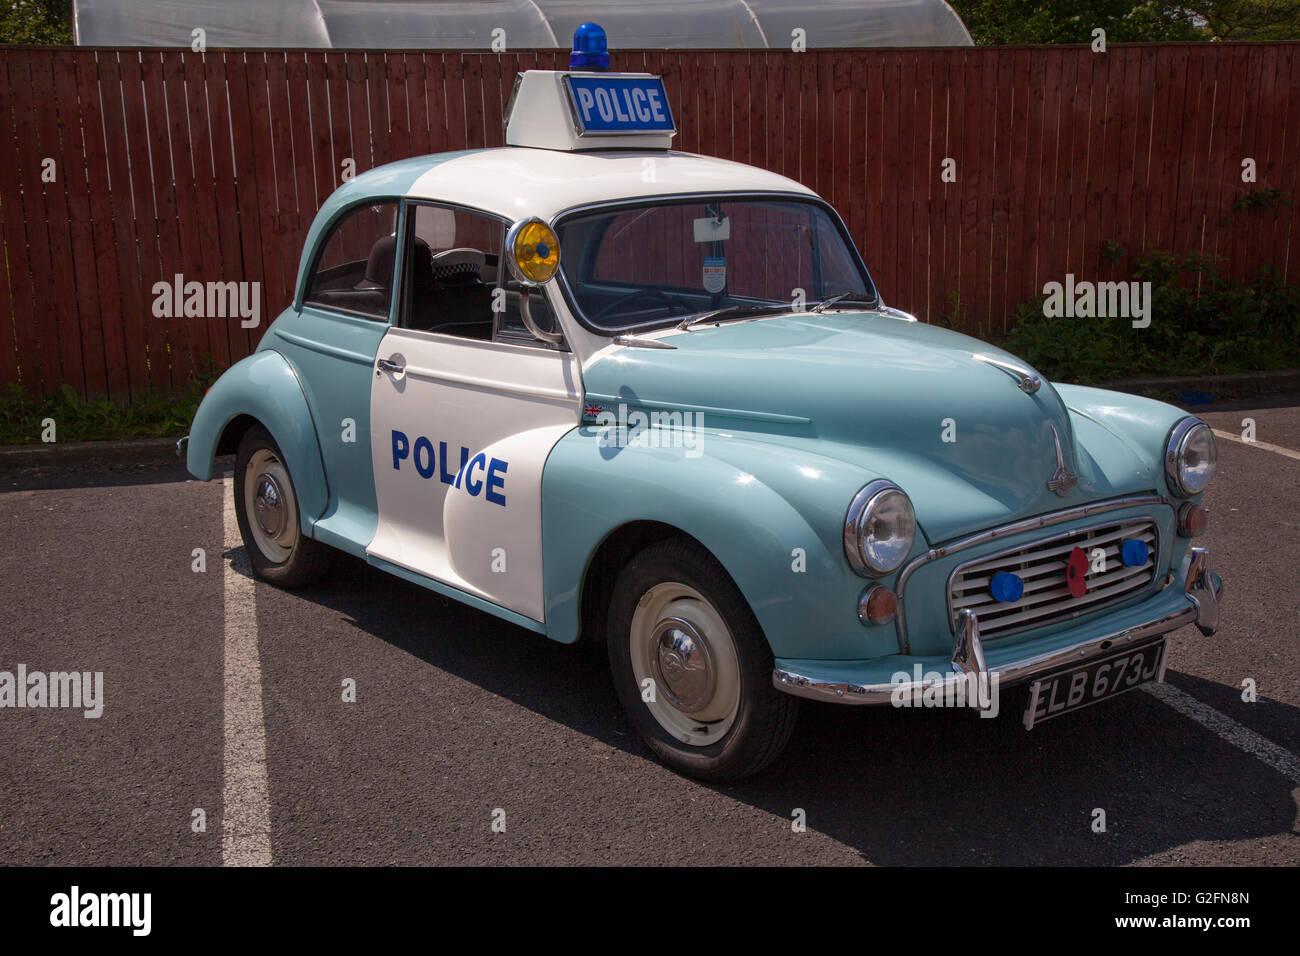 Vintage 1969 60s azul & blanco British Leyland Morris Minor 1000 Tráfico de policía Tipo ZCar. 60s Z-Cars o Z Cars fue una serie de televisión británica centrada en el trabajo de la policía móvil uniformada en una ciudad ficticia. Coche de panda de policía en el Pendle Power Fest, un clásico, veterano y el patrimonio de motor show celebrado en Barrowford, Lancashire, Reino Unido Foto de stock